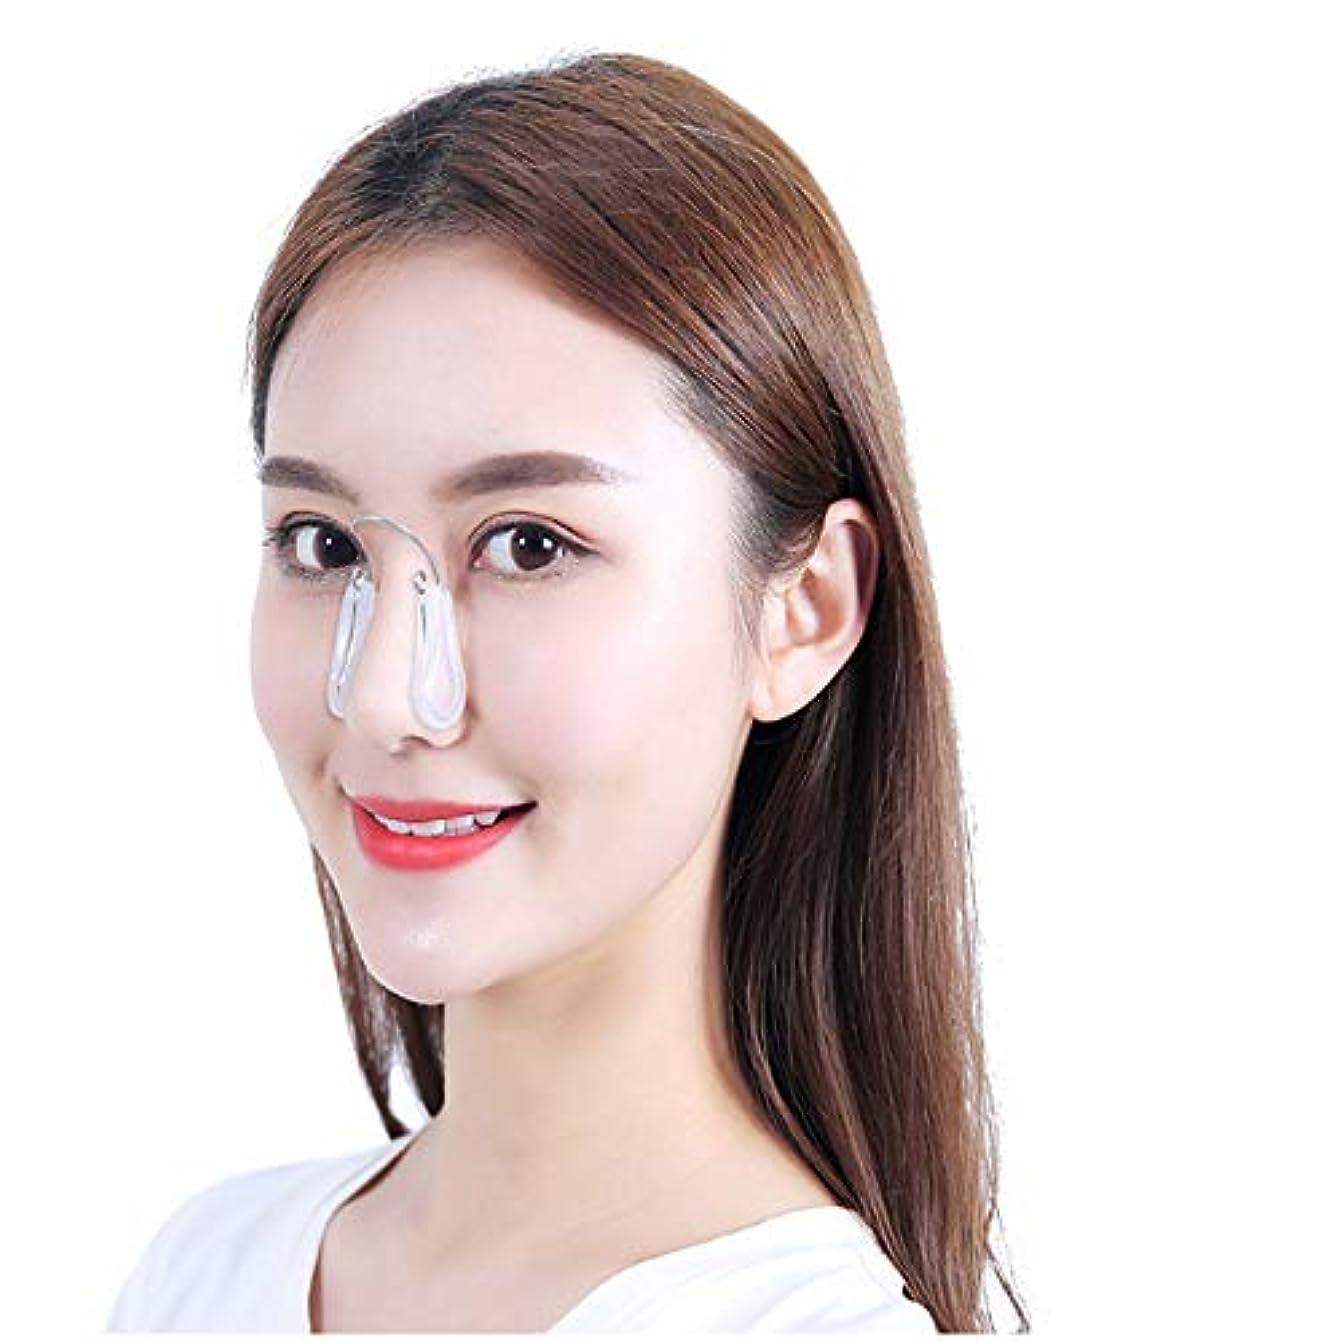 アナログ広大な光のGOIOD 美鼻ケア 鼻 人工鼻 増強美容 鼻のデバイスシリコンクリップ 鼻筋矯正 簡単美鼻ケア